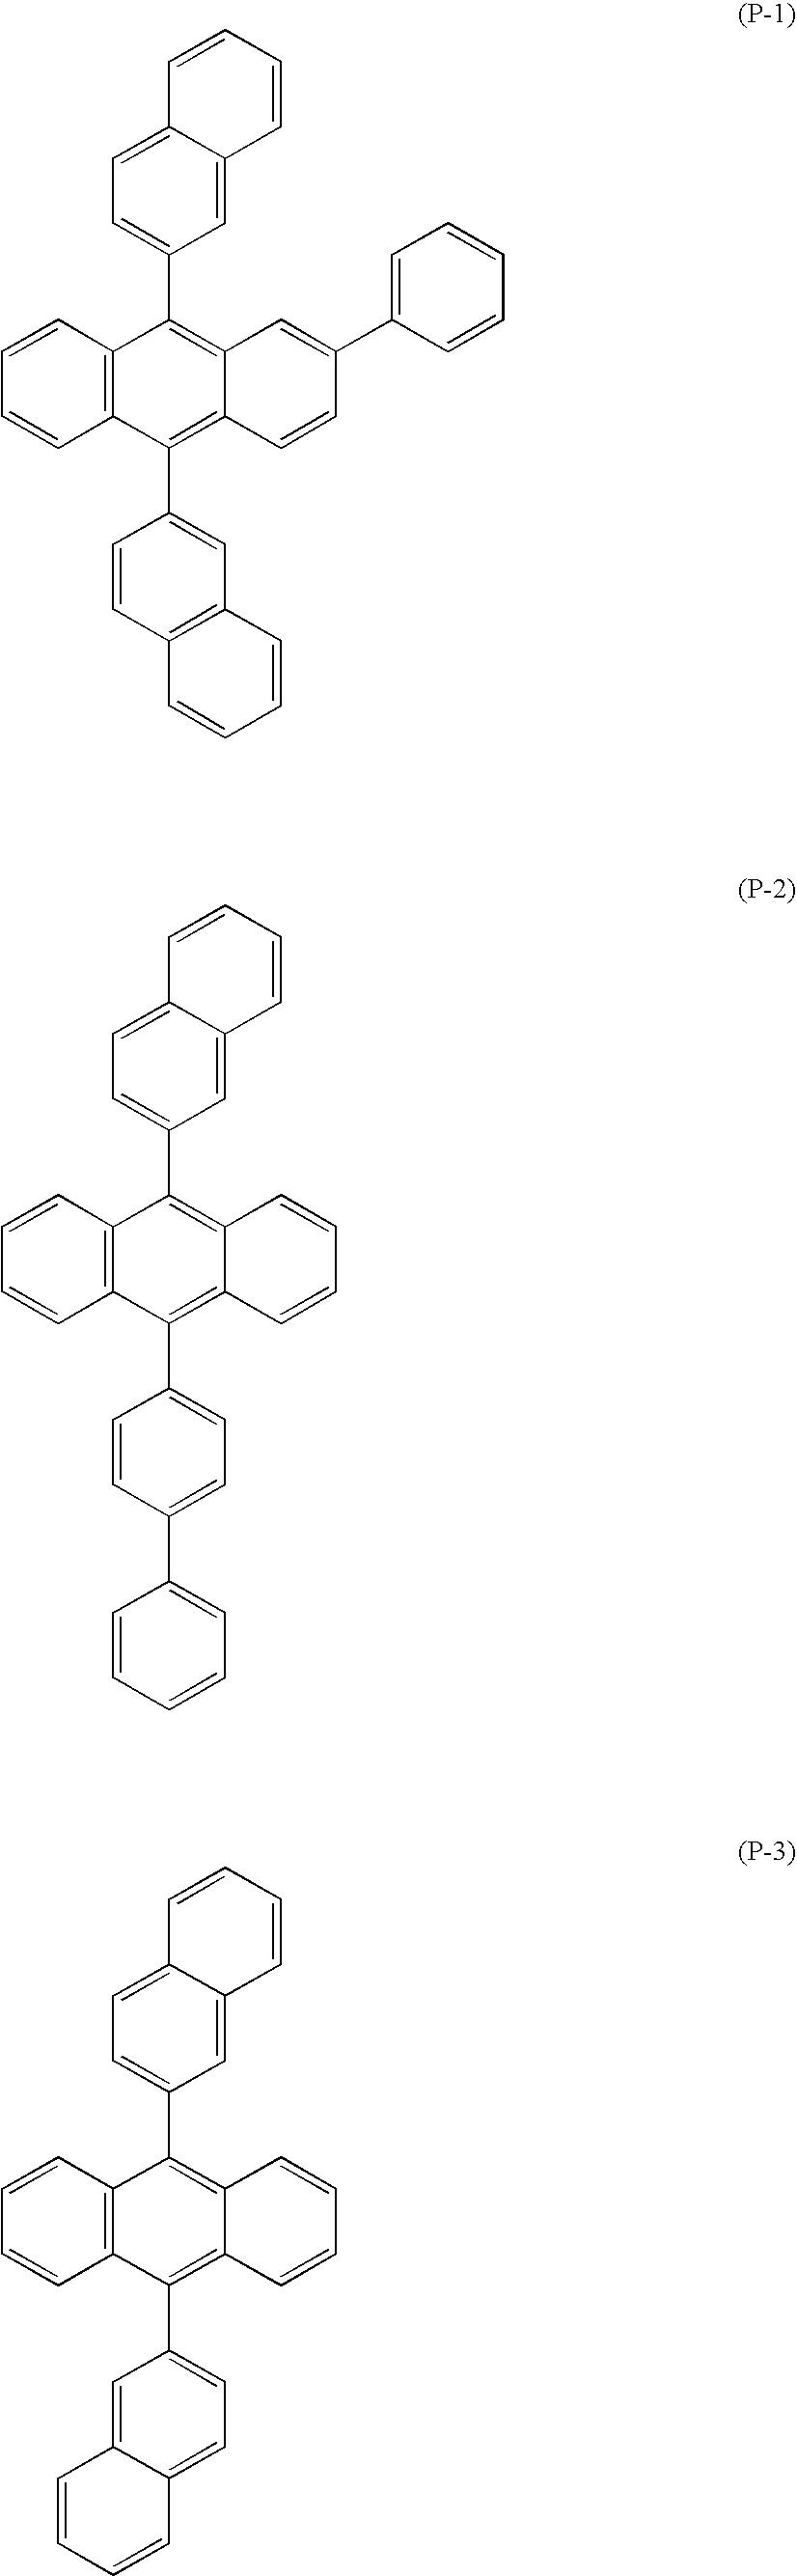 Figure US20100244677A1-20100930-C00075